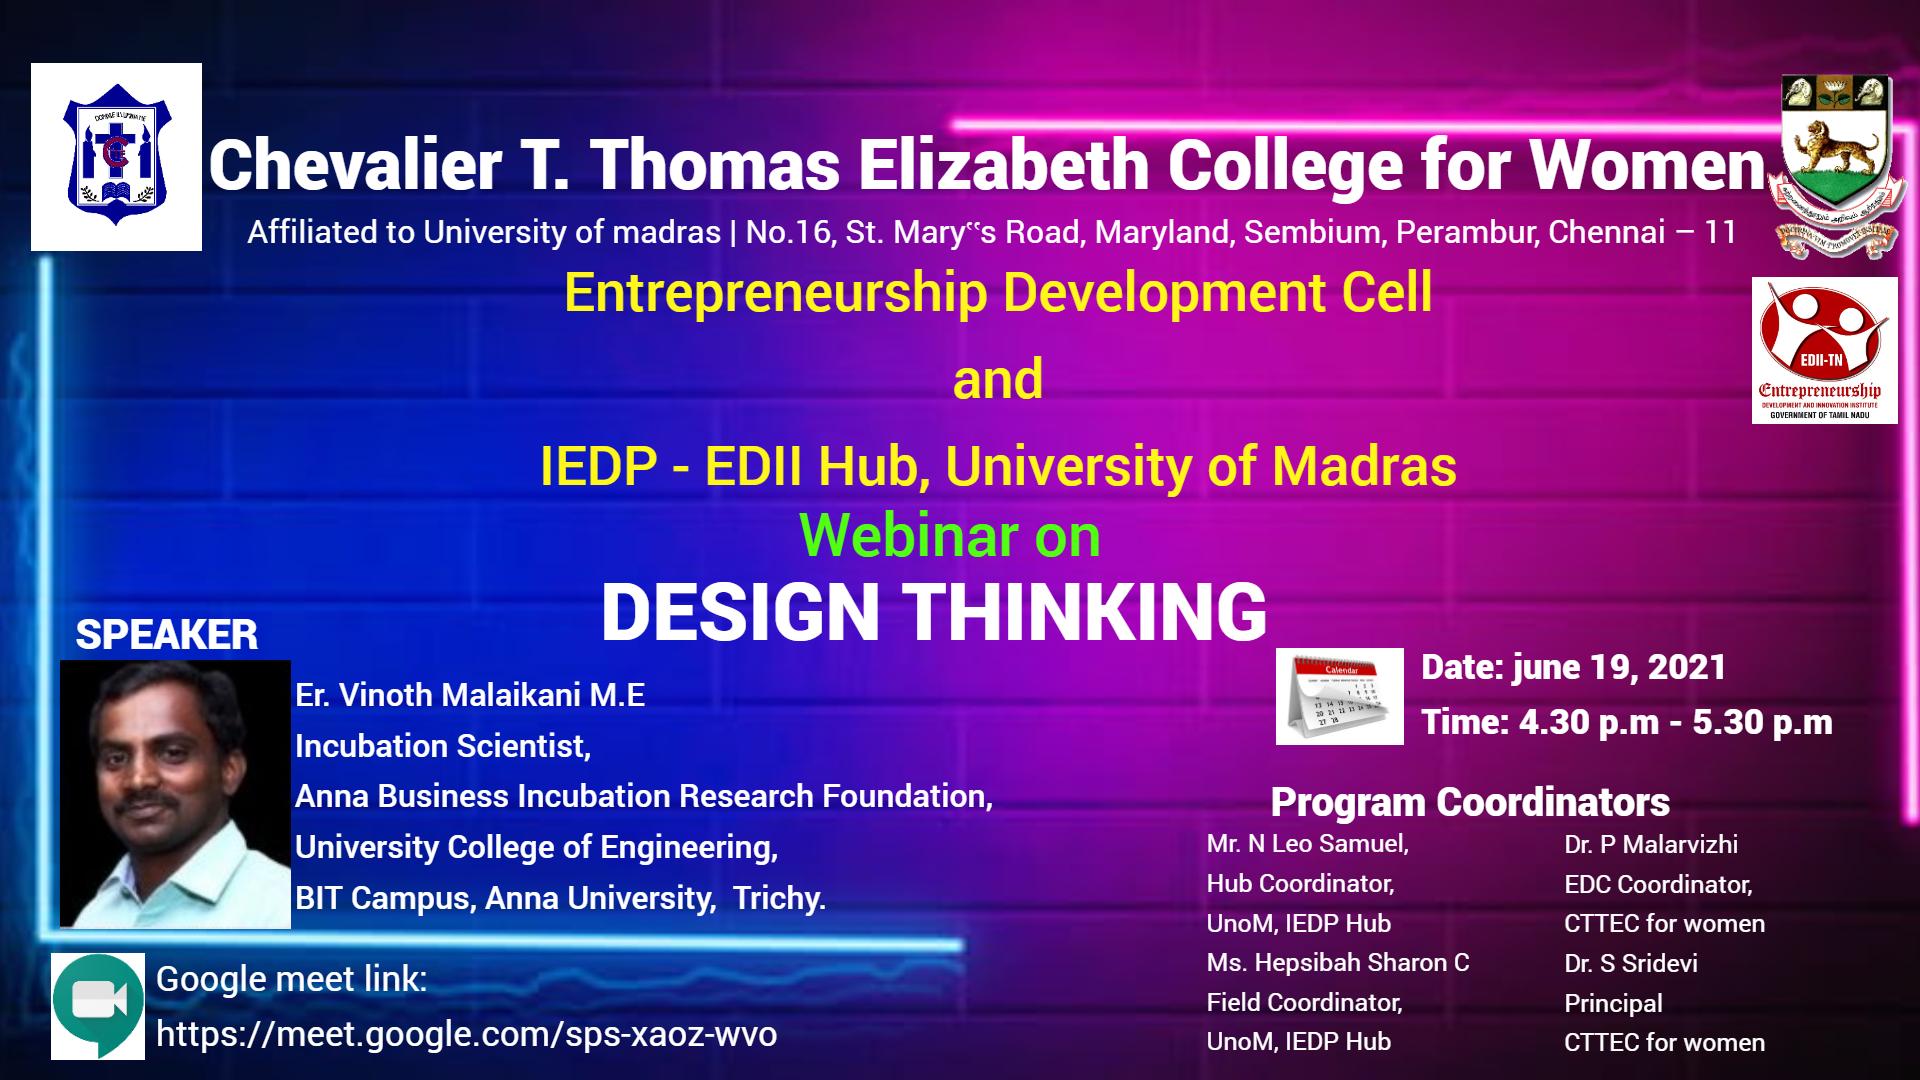 Design Thinking Webinar Invitation